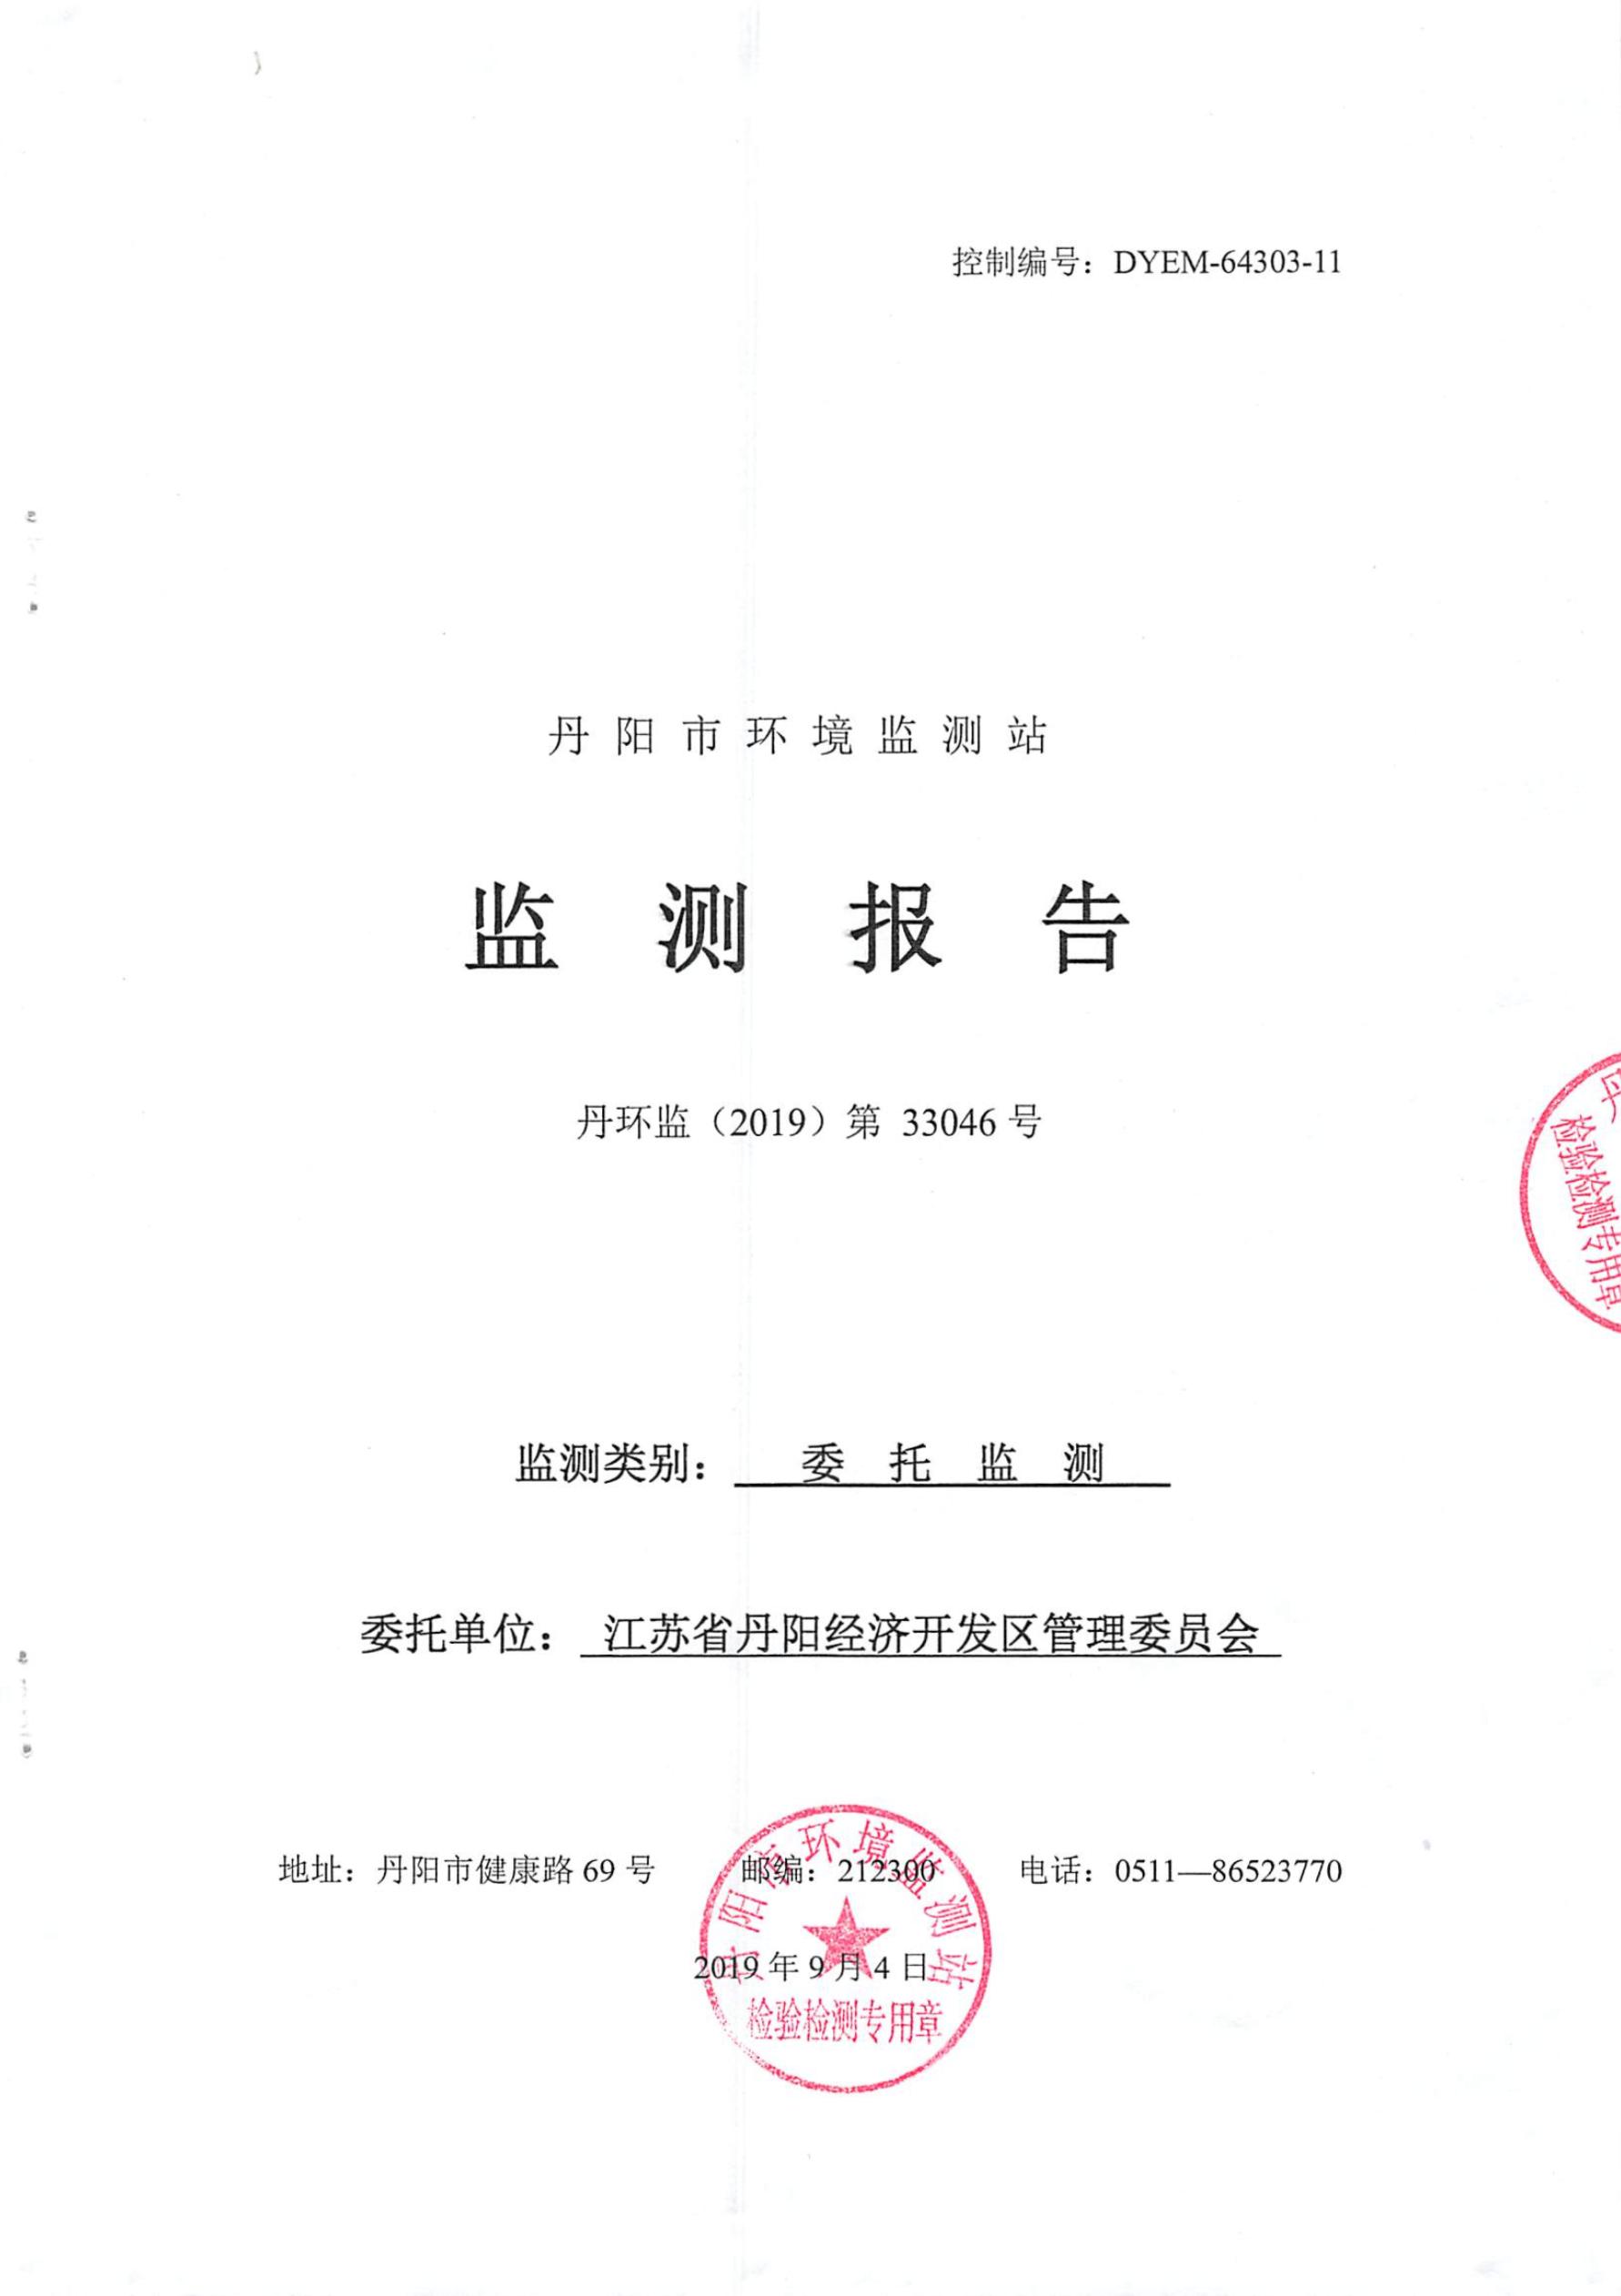 丹阳市环境监测站监测报告 丹环监(2019)第33046号 公示